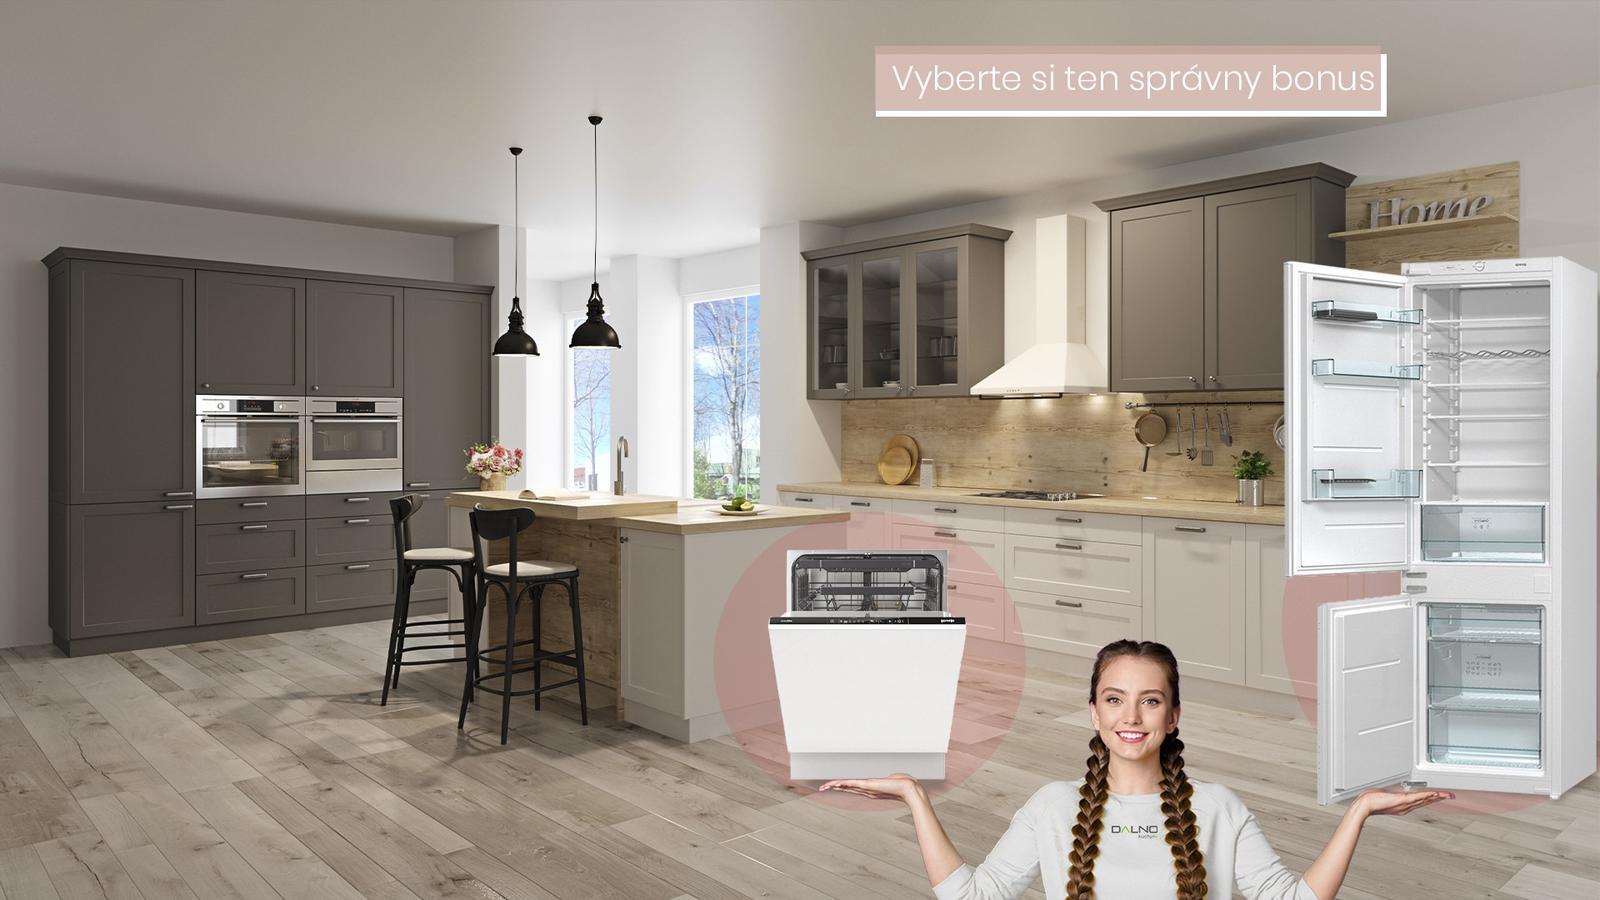 Kuchyňa Dalno, teraz s bonusom podľa vlastného výberu 👌 vstavaná chladnička alebo umývačka riadu. - Obrázok č. 1